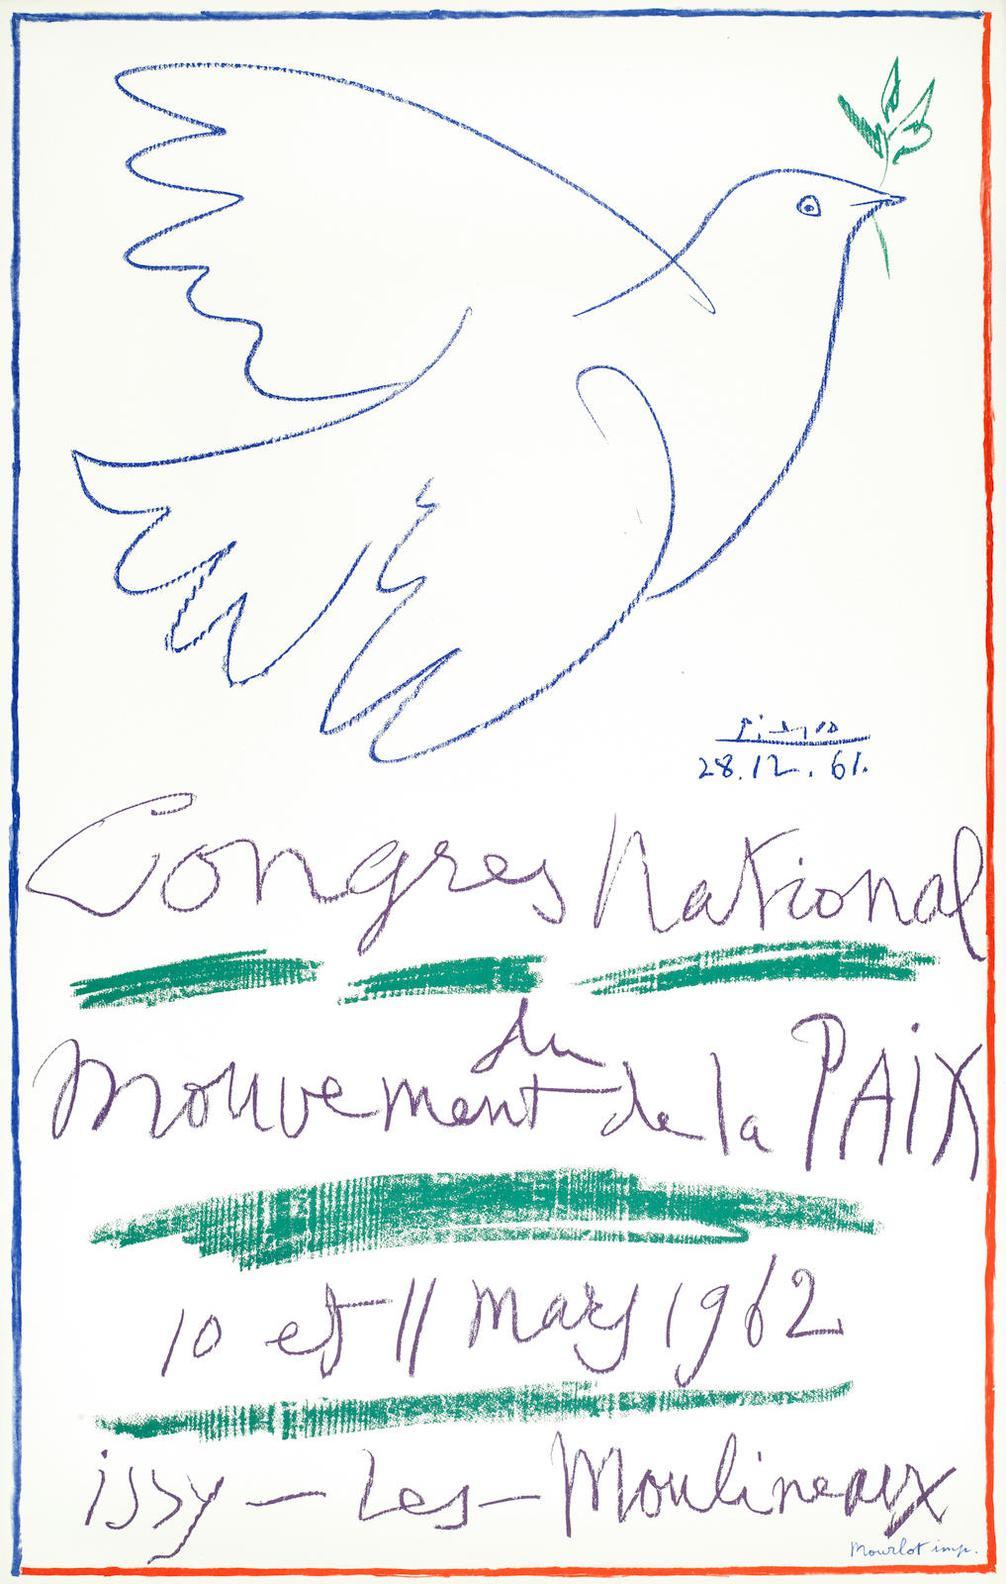 Pablo Picasso-After Pablo Picasso - Congres National Du Mouvement De La Paix (Czwiklitzer179)-1961